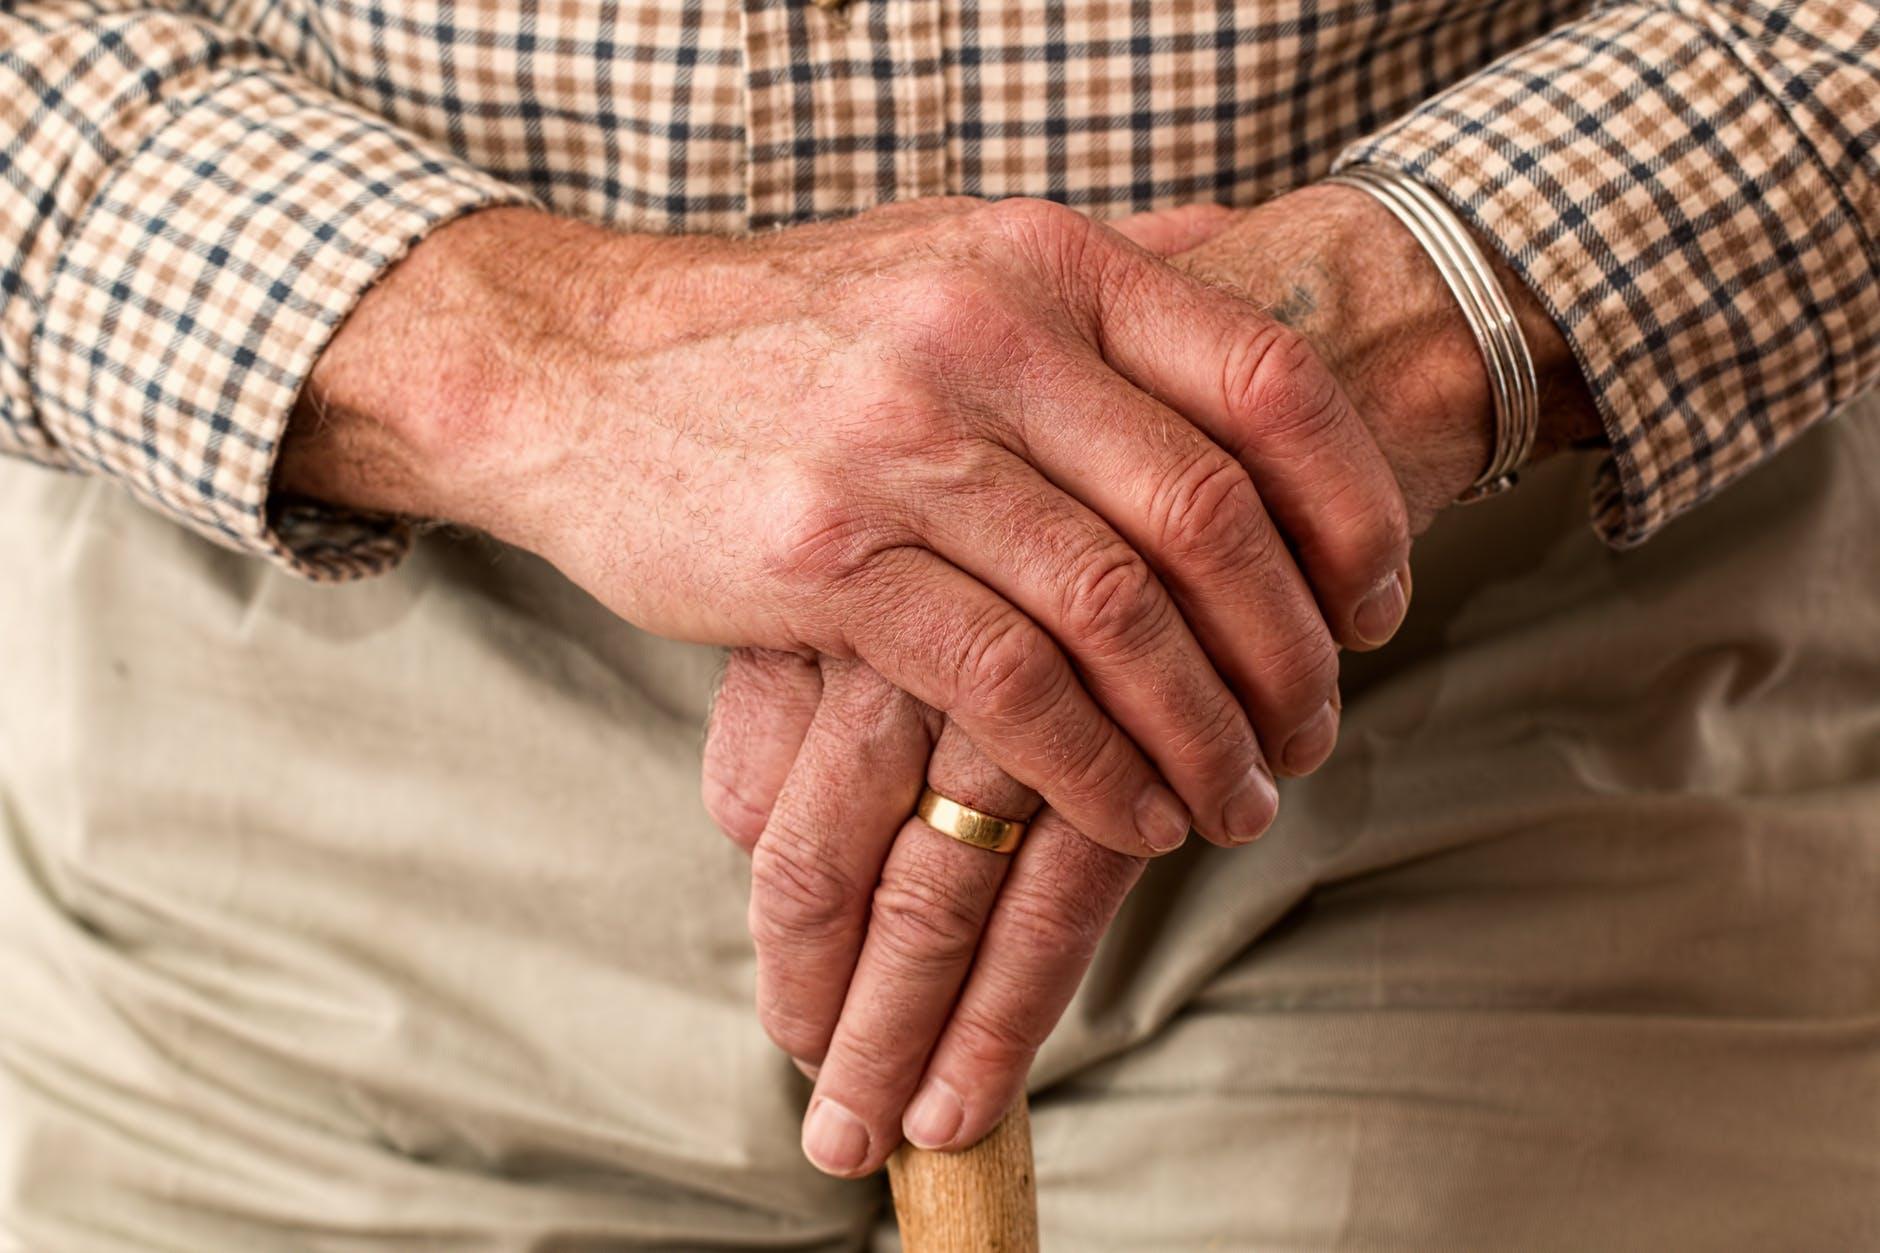 Negara Masih Memberikan THR Pensiunan bagi PNS